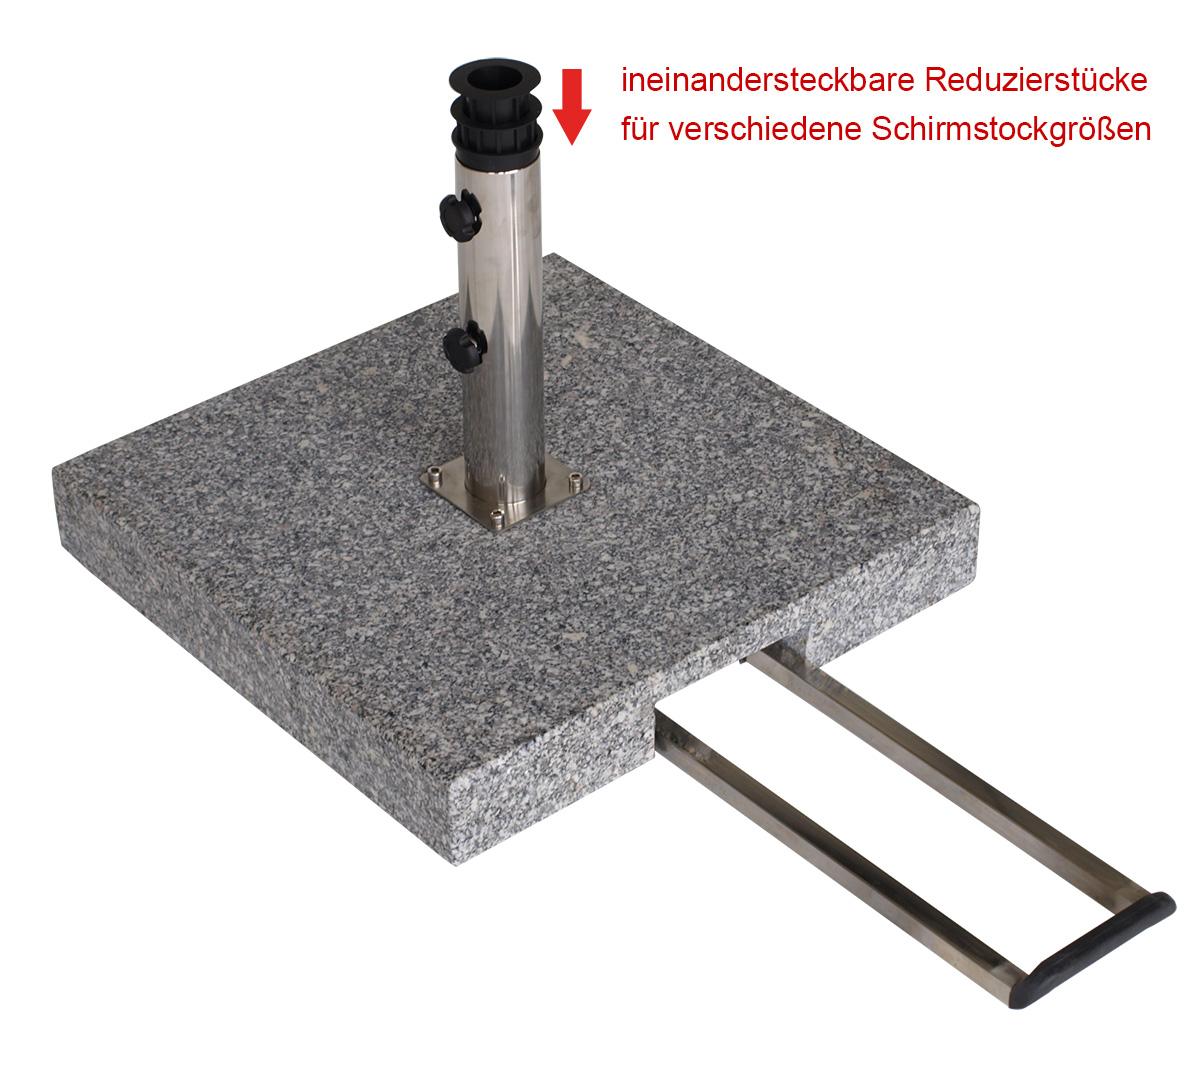 schirmst nder aus poliertem granit granitst nder 60kg. Black Bedroom Furniture Sets. Home Design Ideas